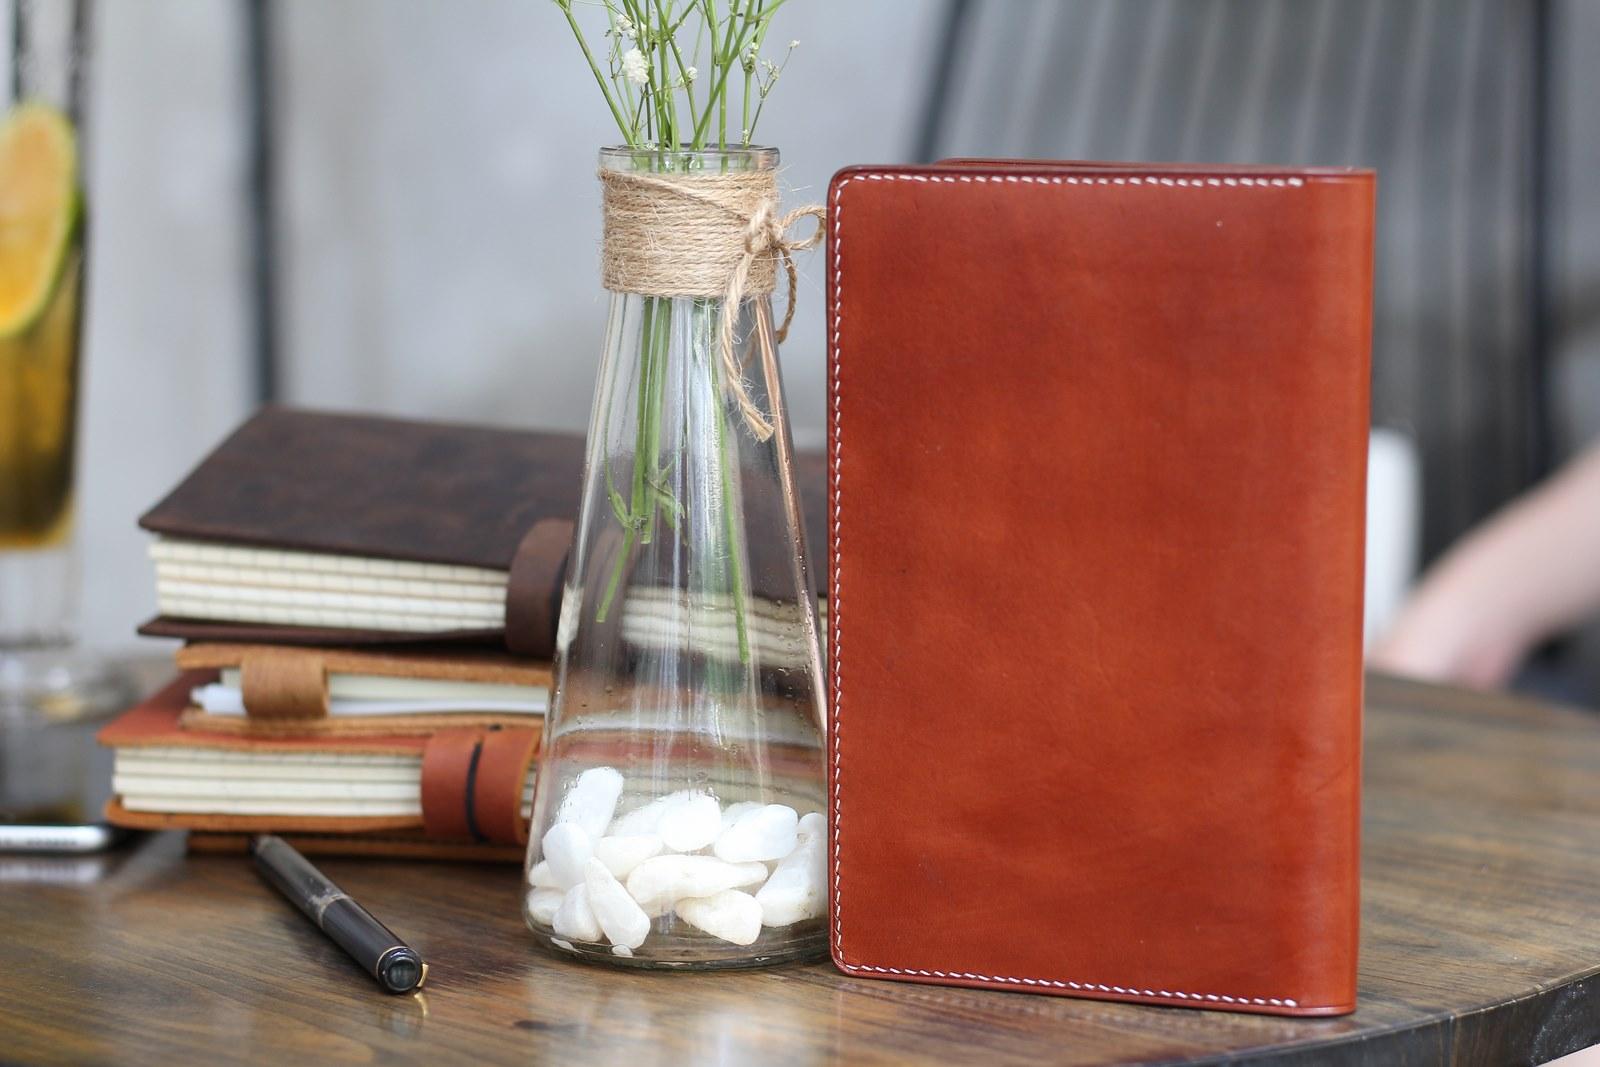 sổ tay da bò passport note book - món quà ý nghĩa